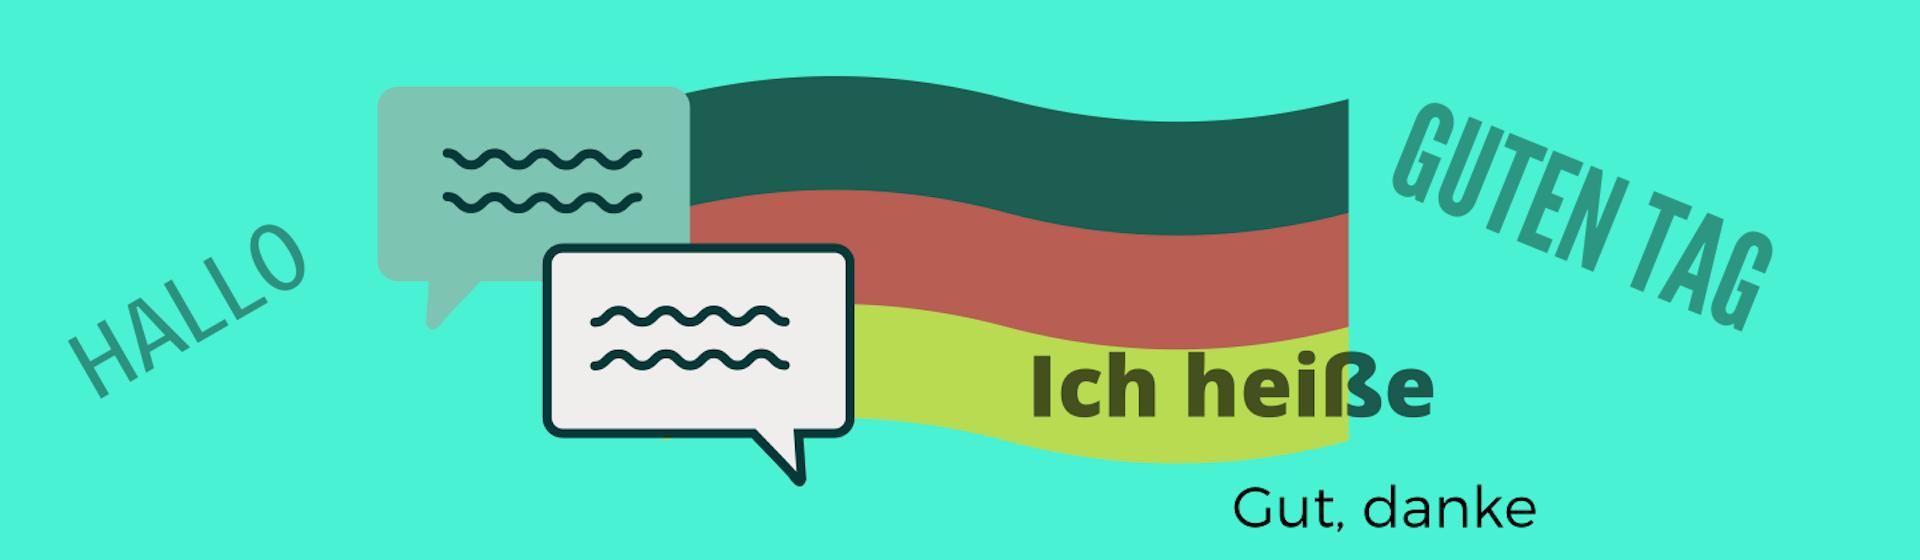 Las 10 mejores apps para aprender Alemán que no son Duolingo